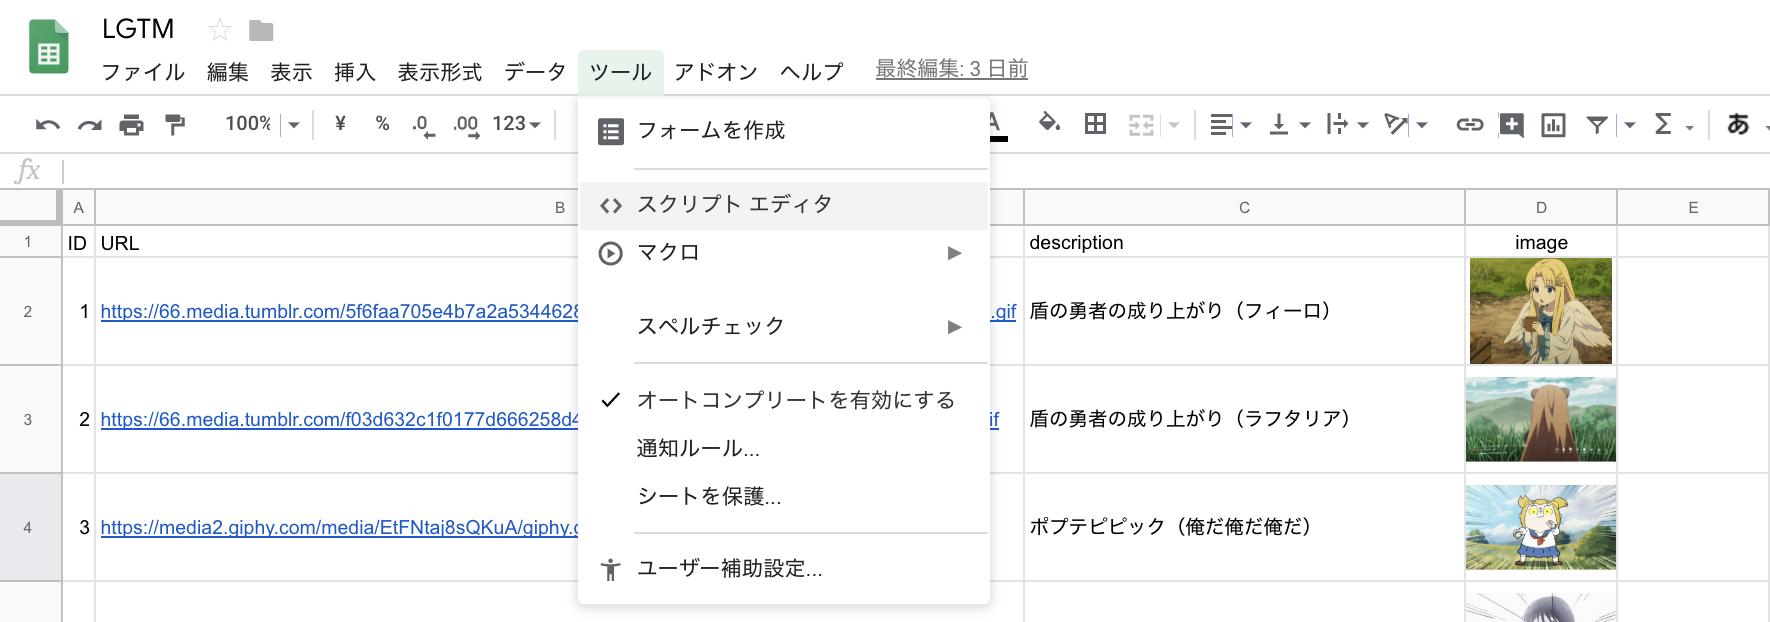 sample_script_editor.png